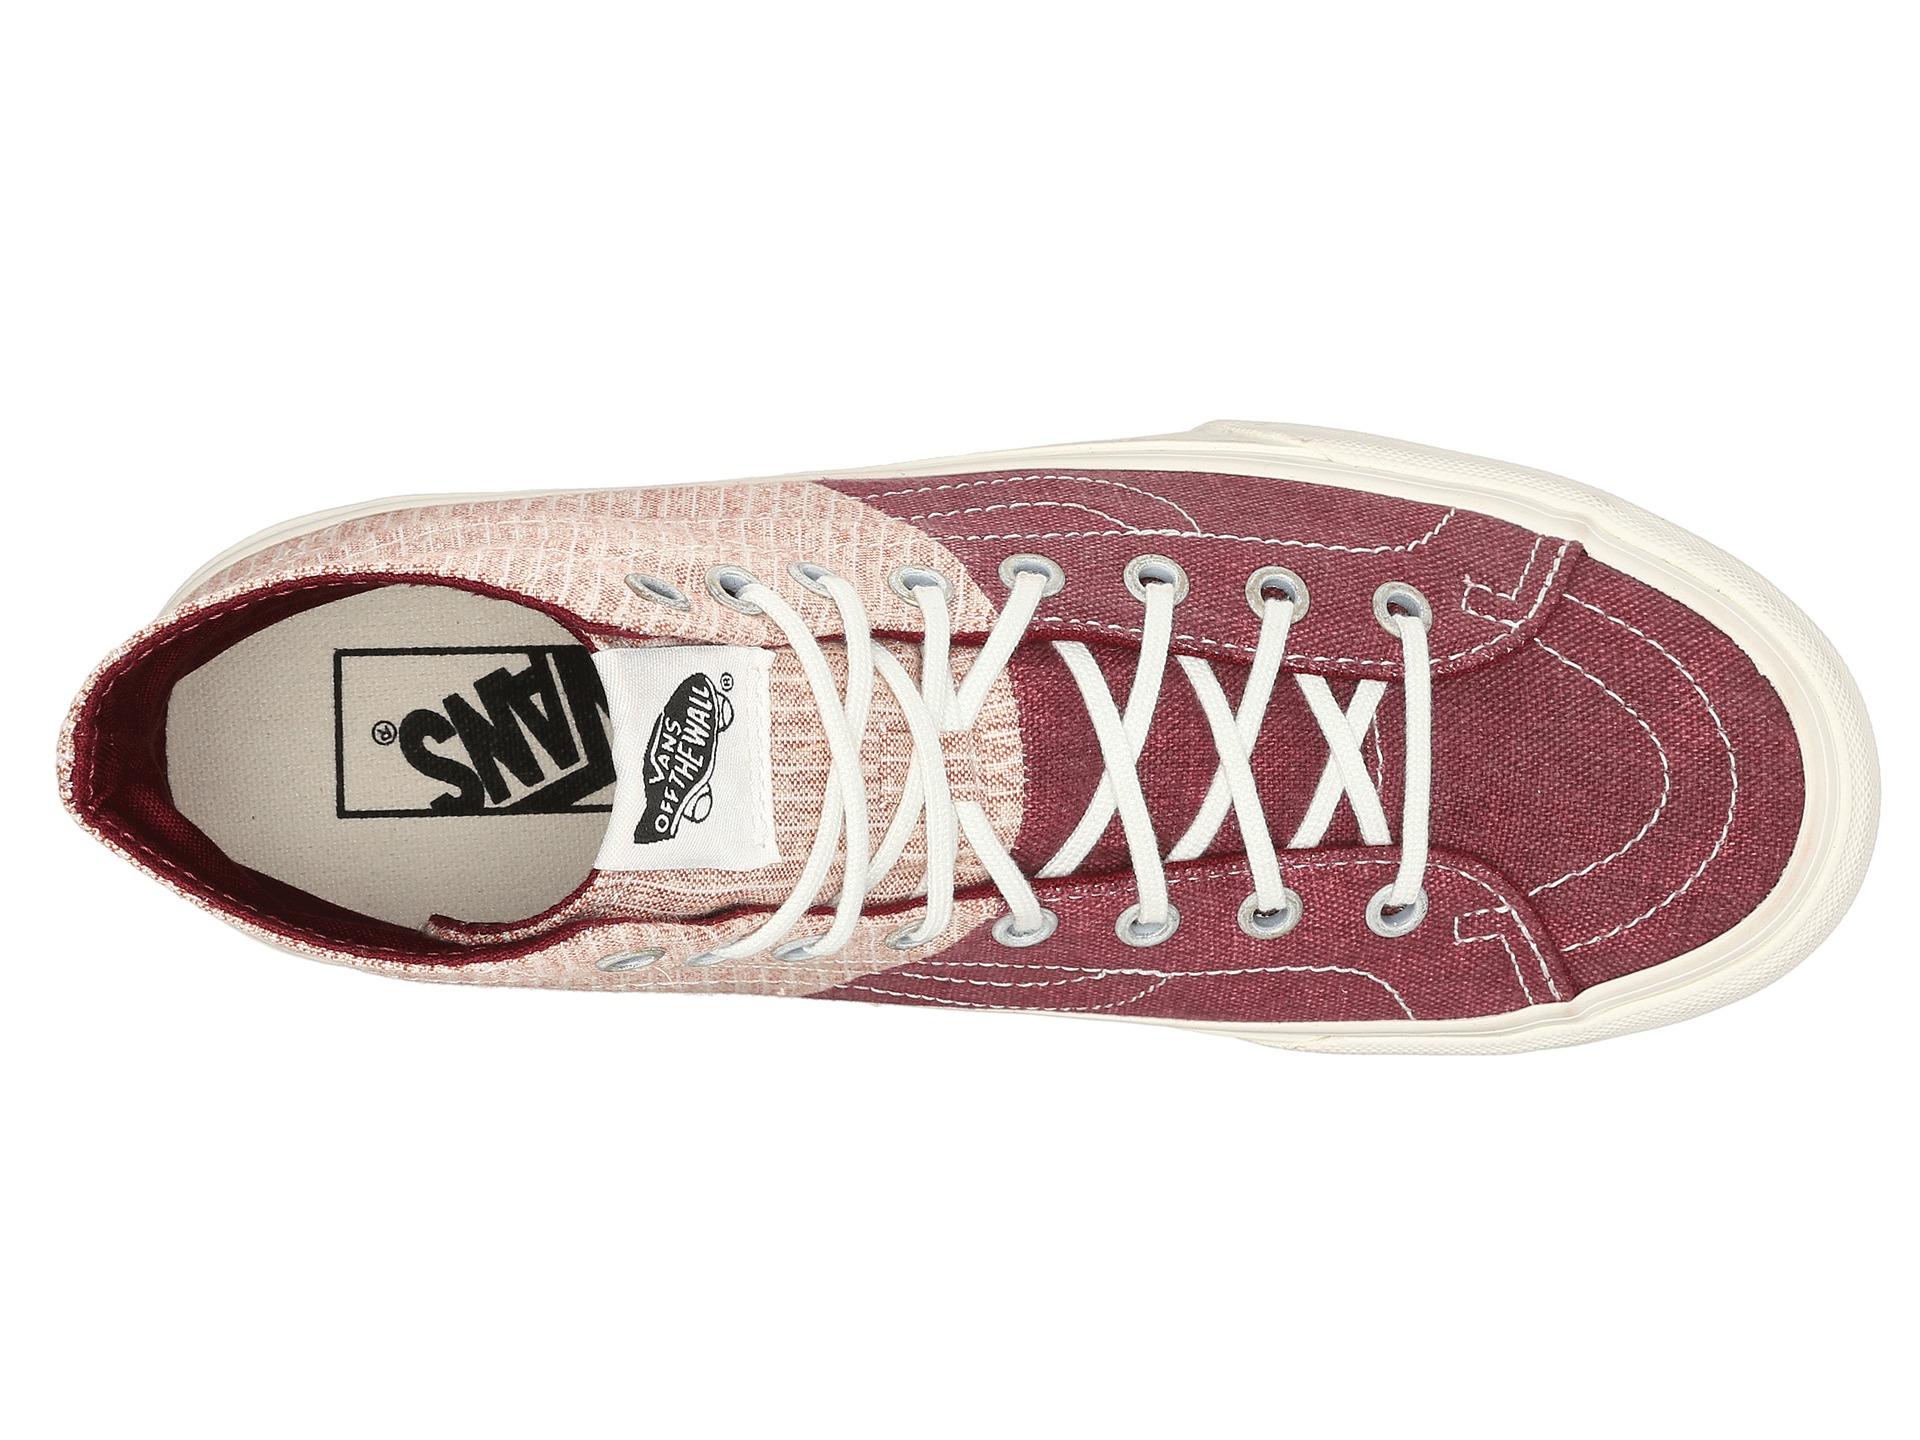 48844664ba Lyst - Vans Sk8-hi Decon Spt in Pink